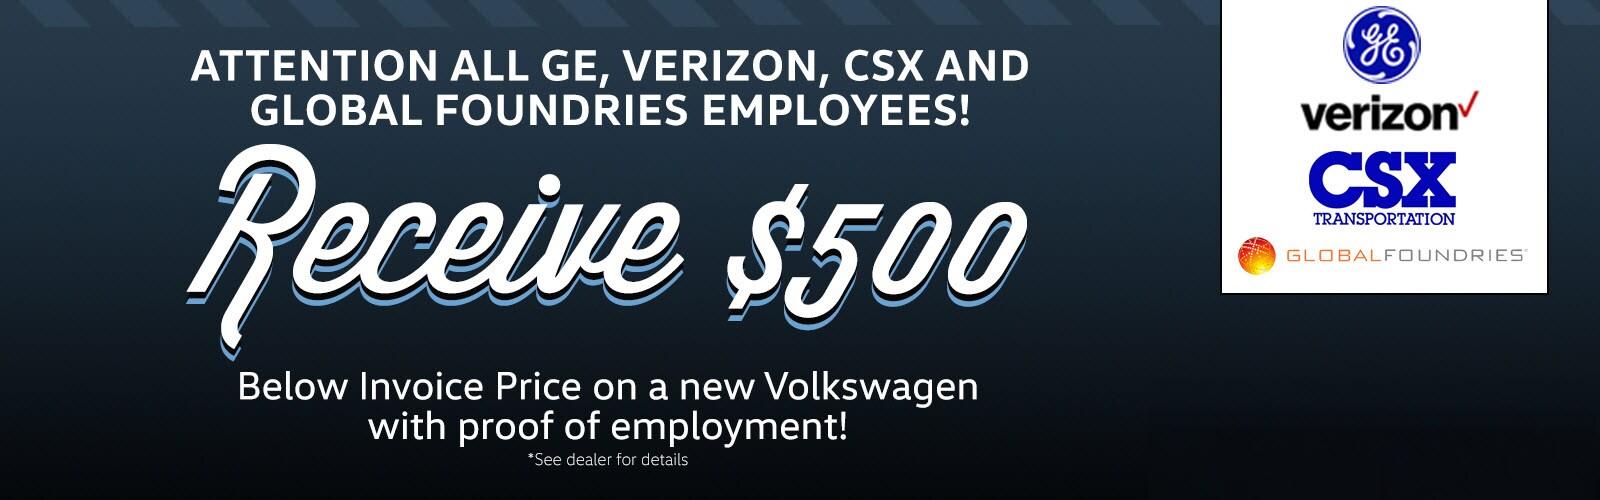 Fuccillo Volkswagen Of Schenectady New Volkswagen Dealership In - Below invoice